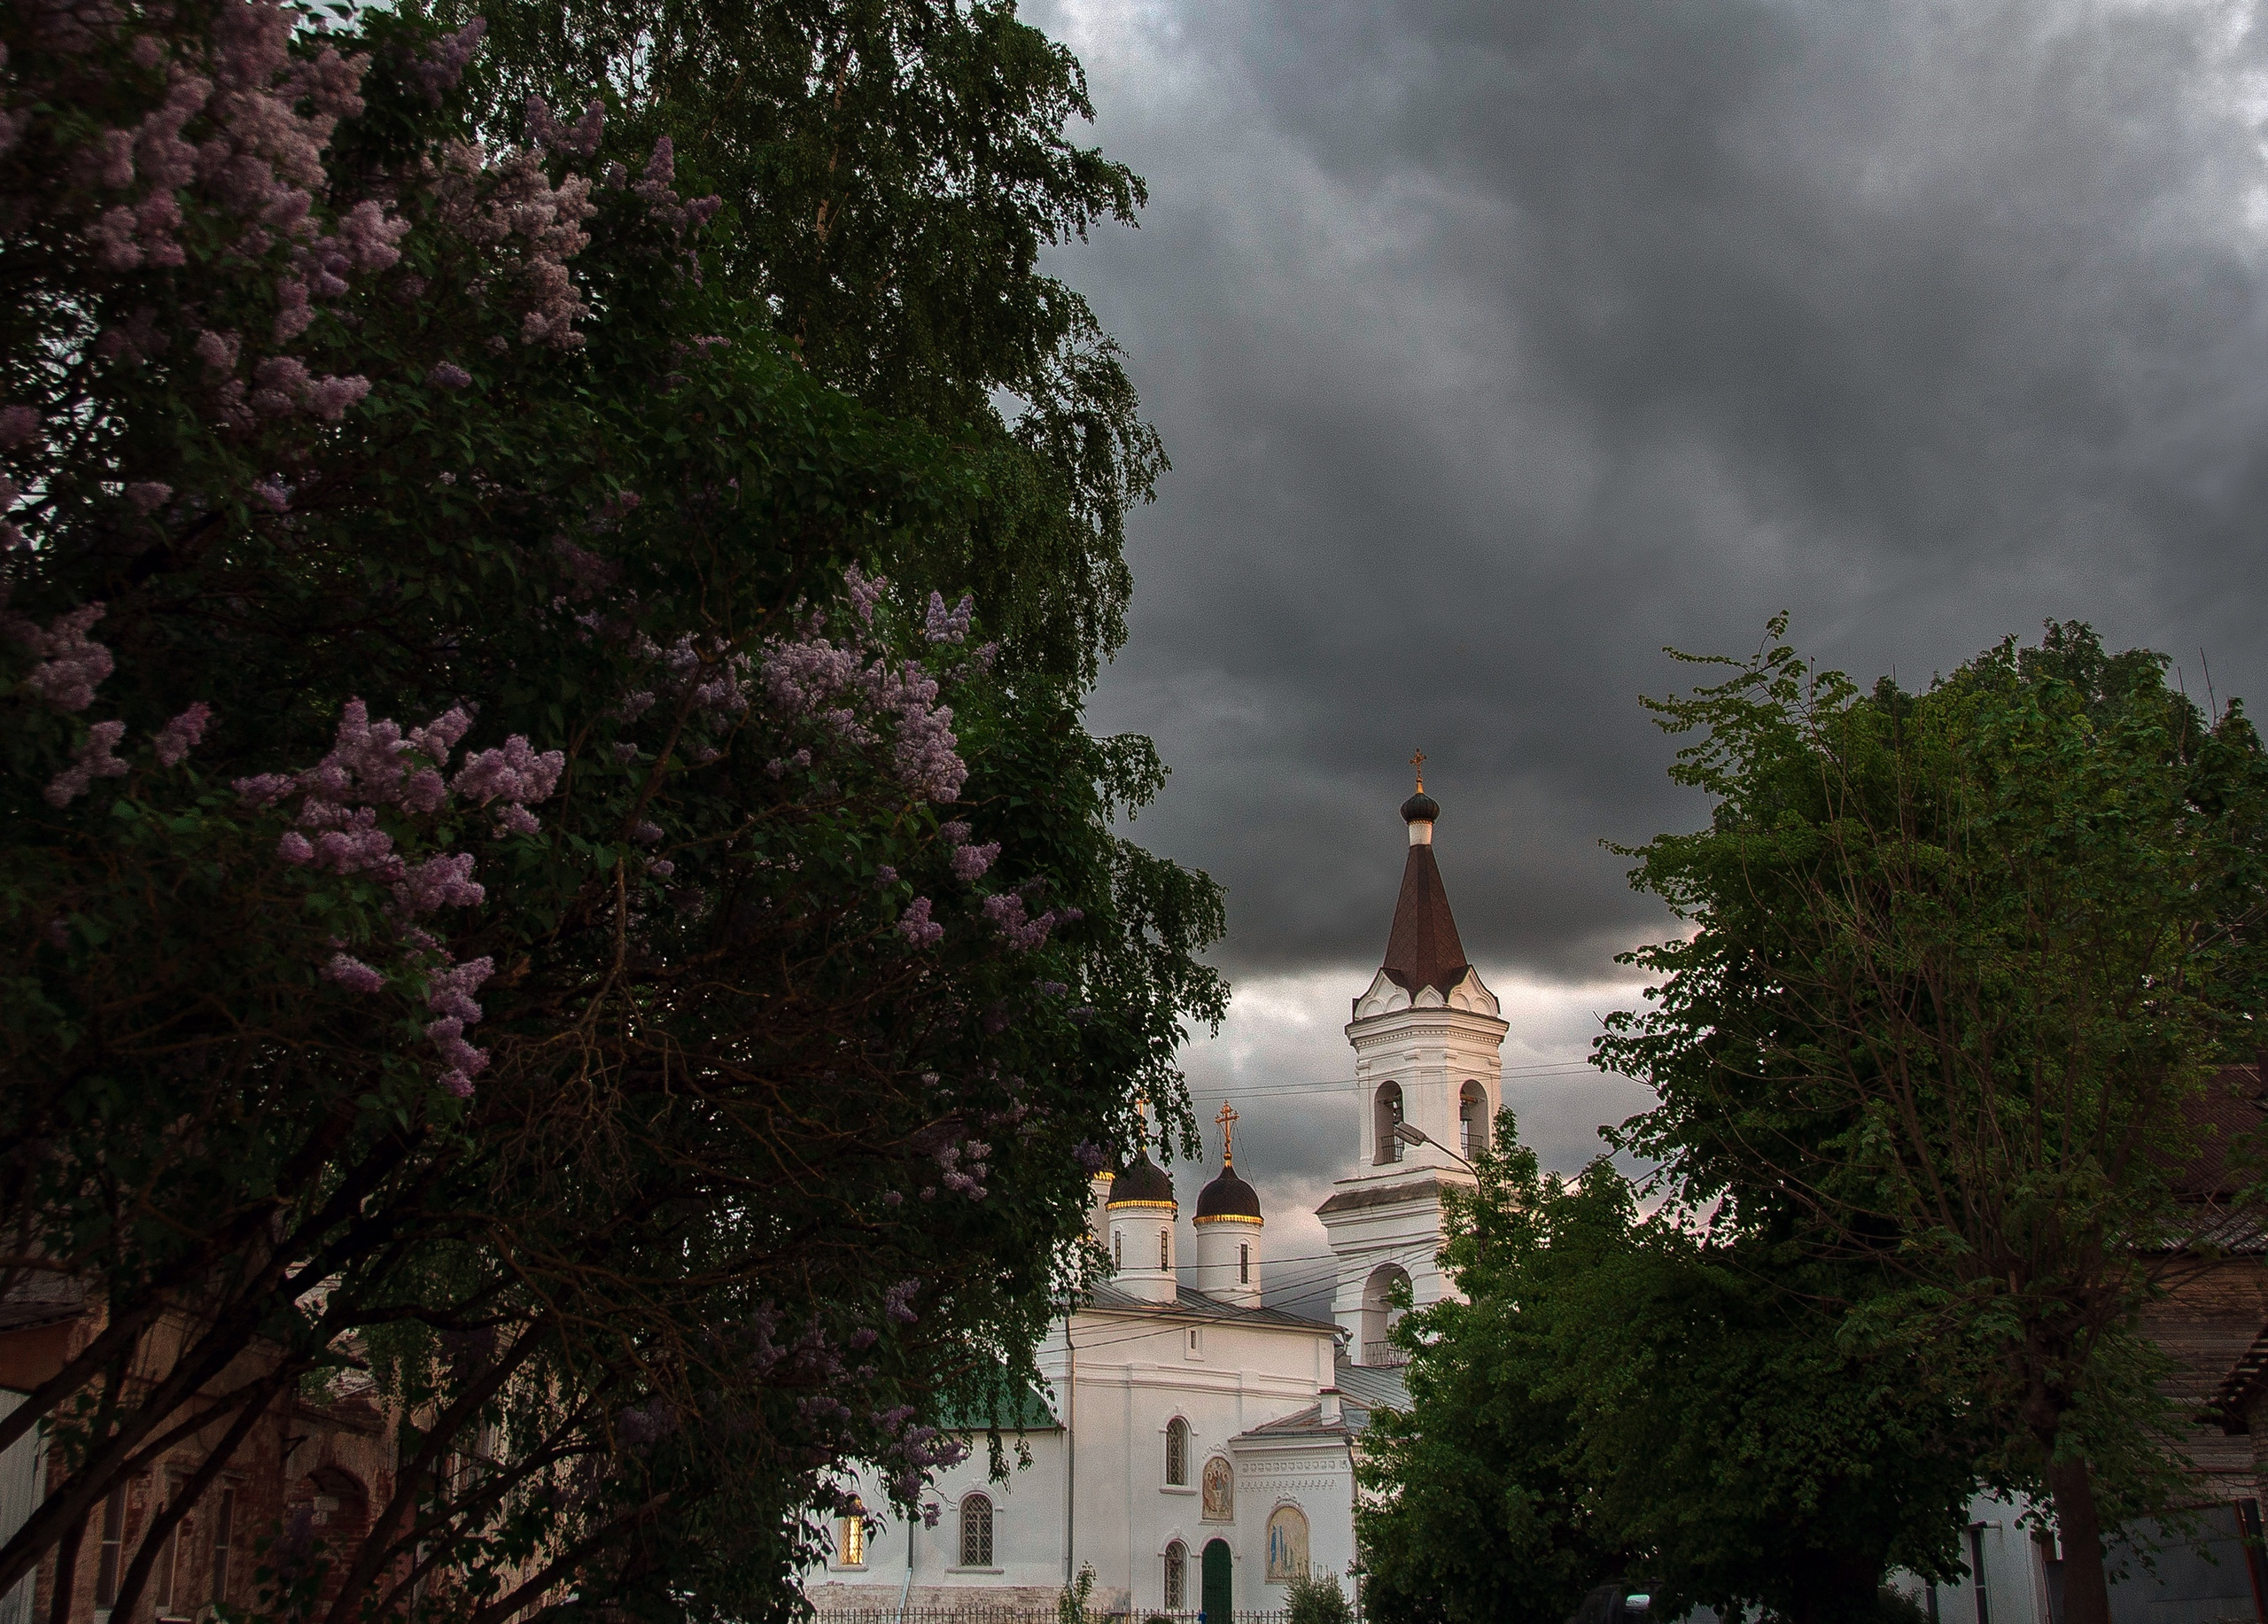 Солнце и вдохновение: тверской фотограф показал прекрасный закат